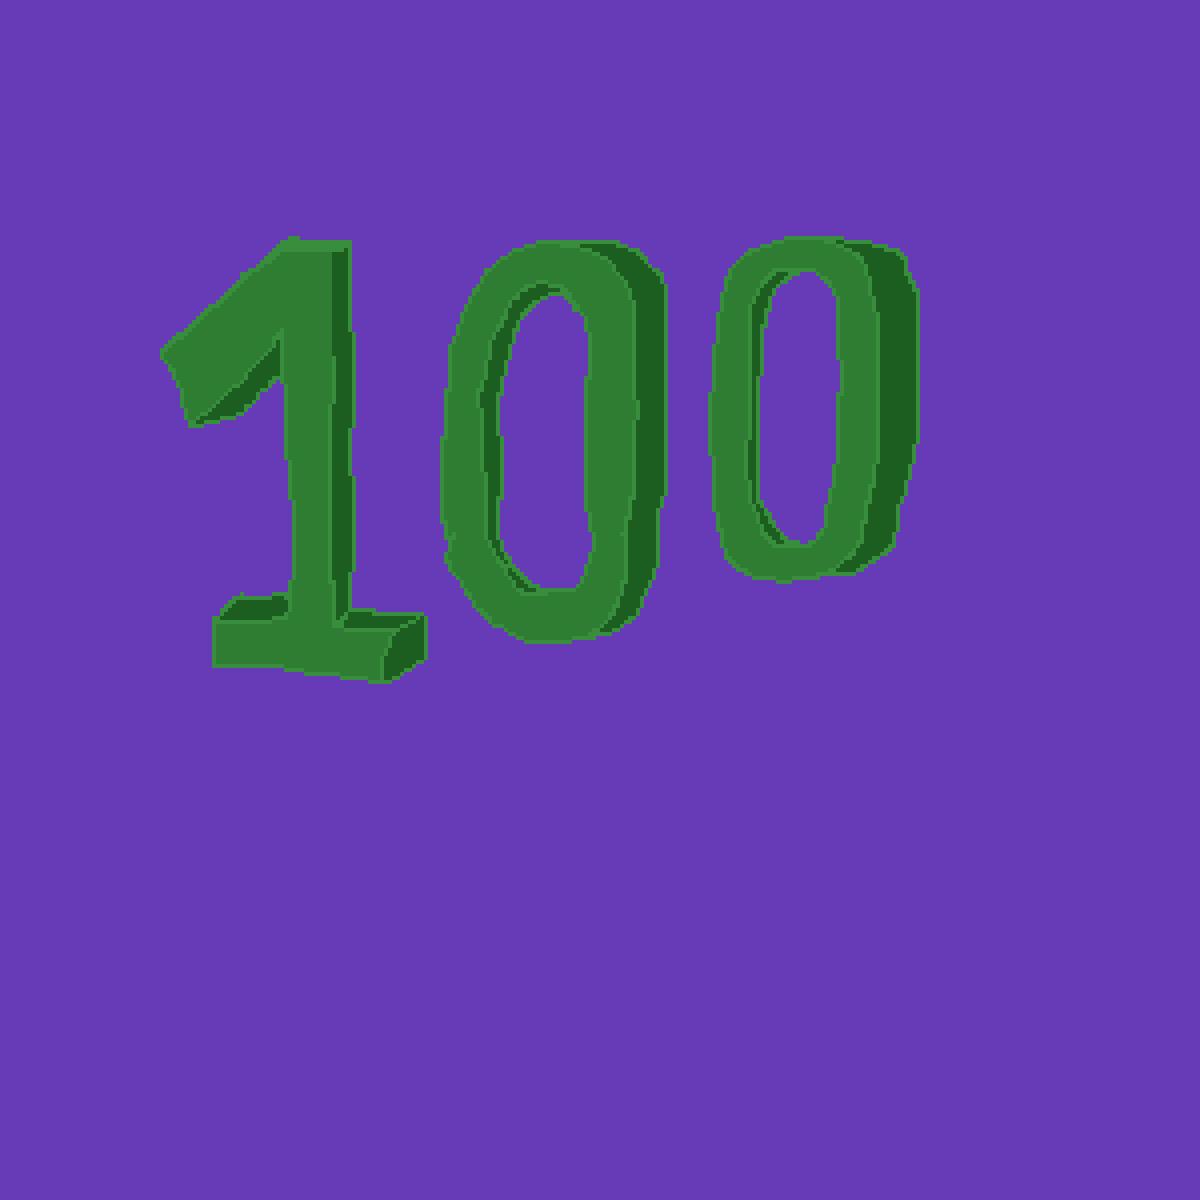 100 Follows by Ultrakittie